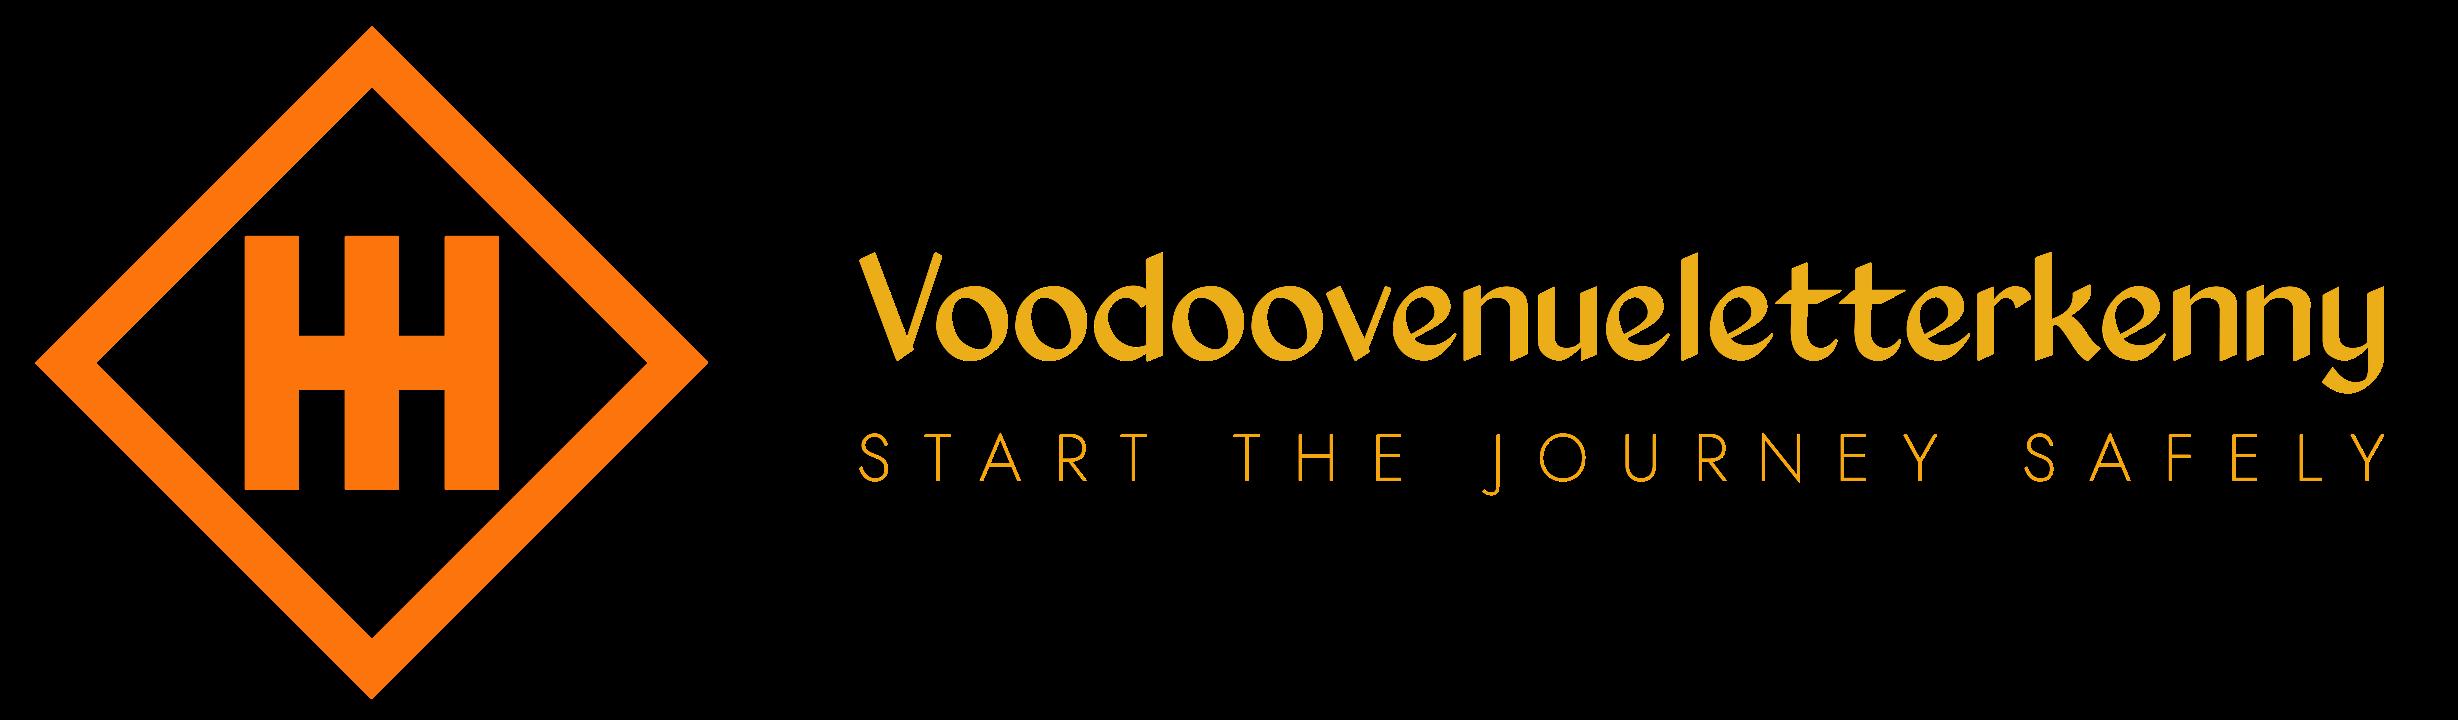 Voodoovenueletterkenny